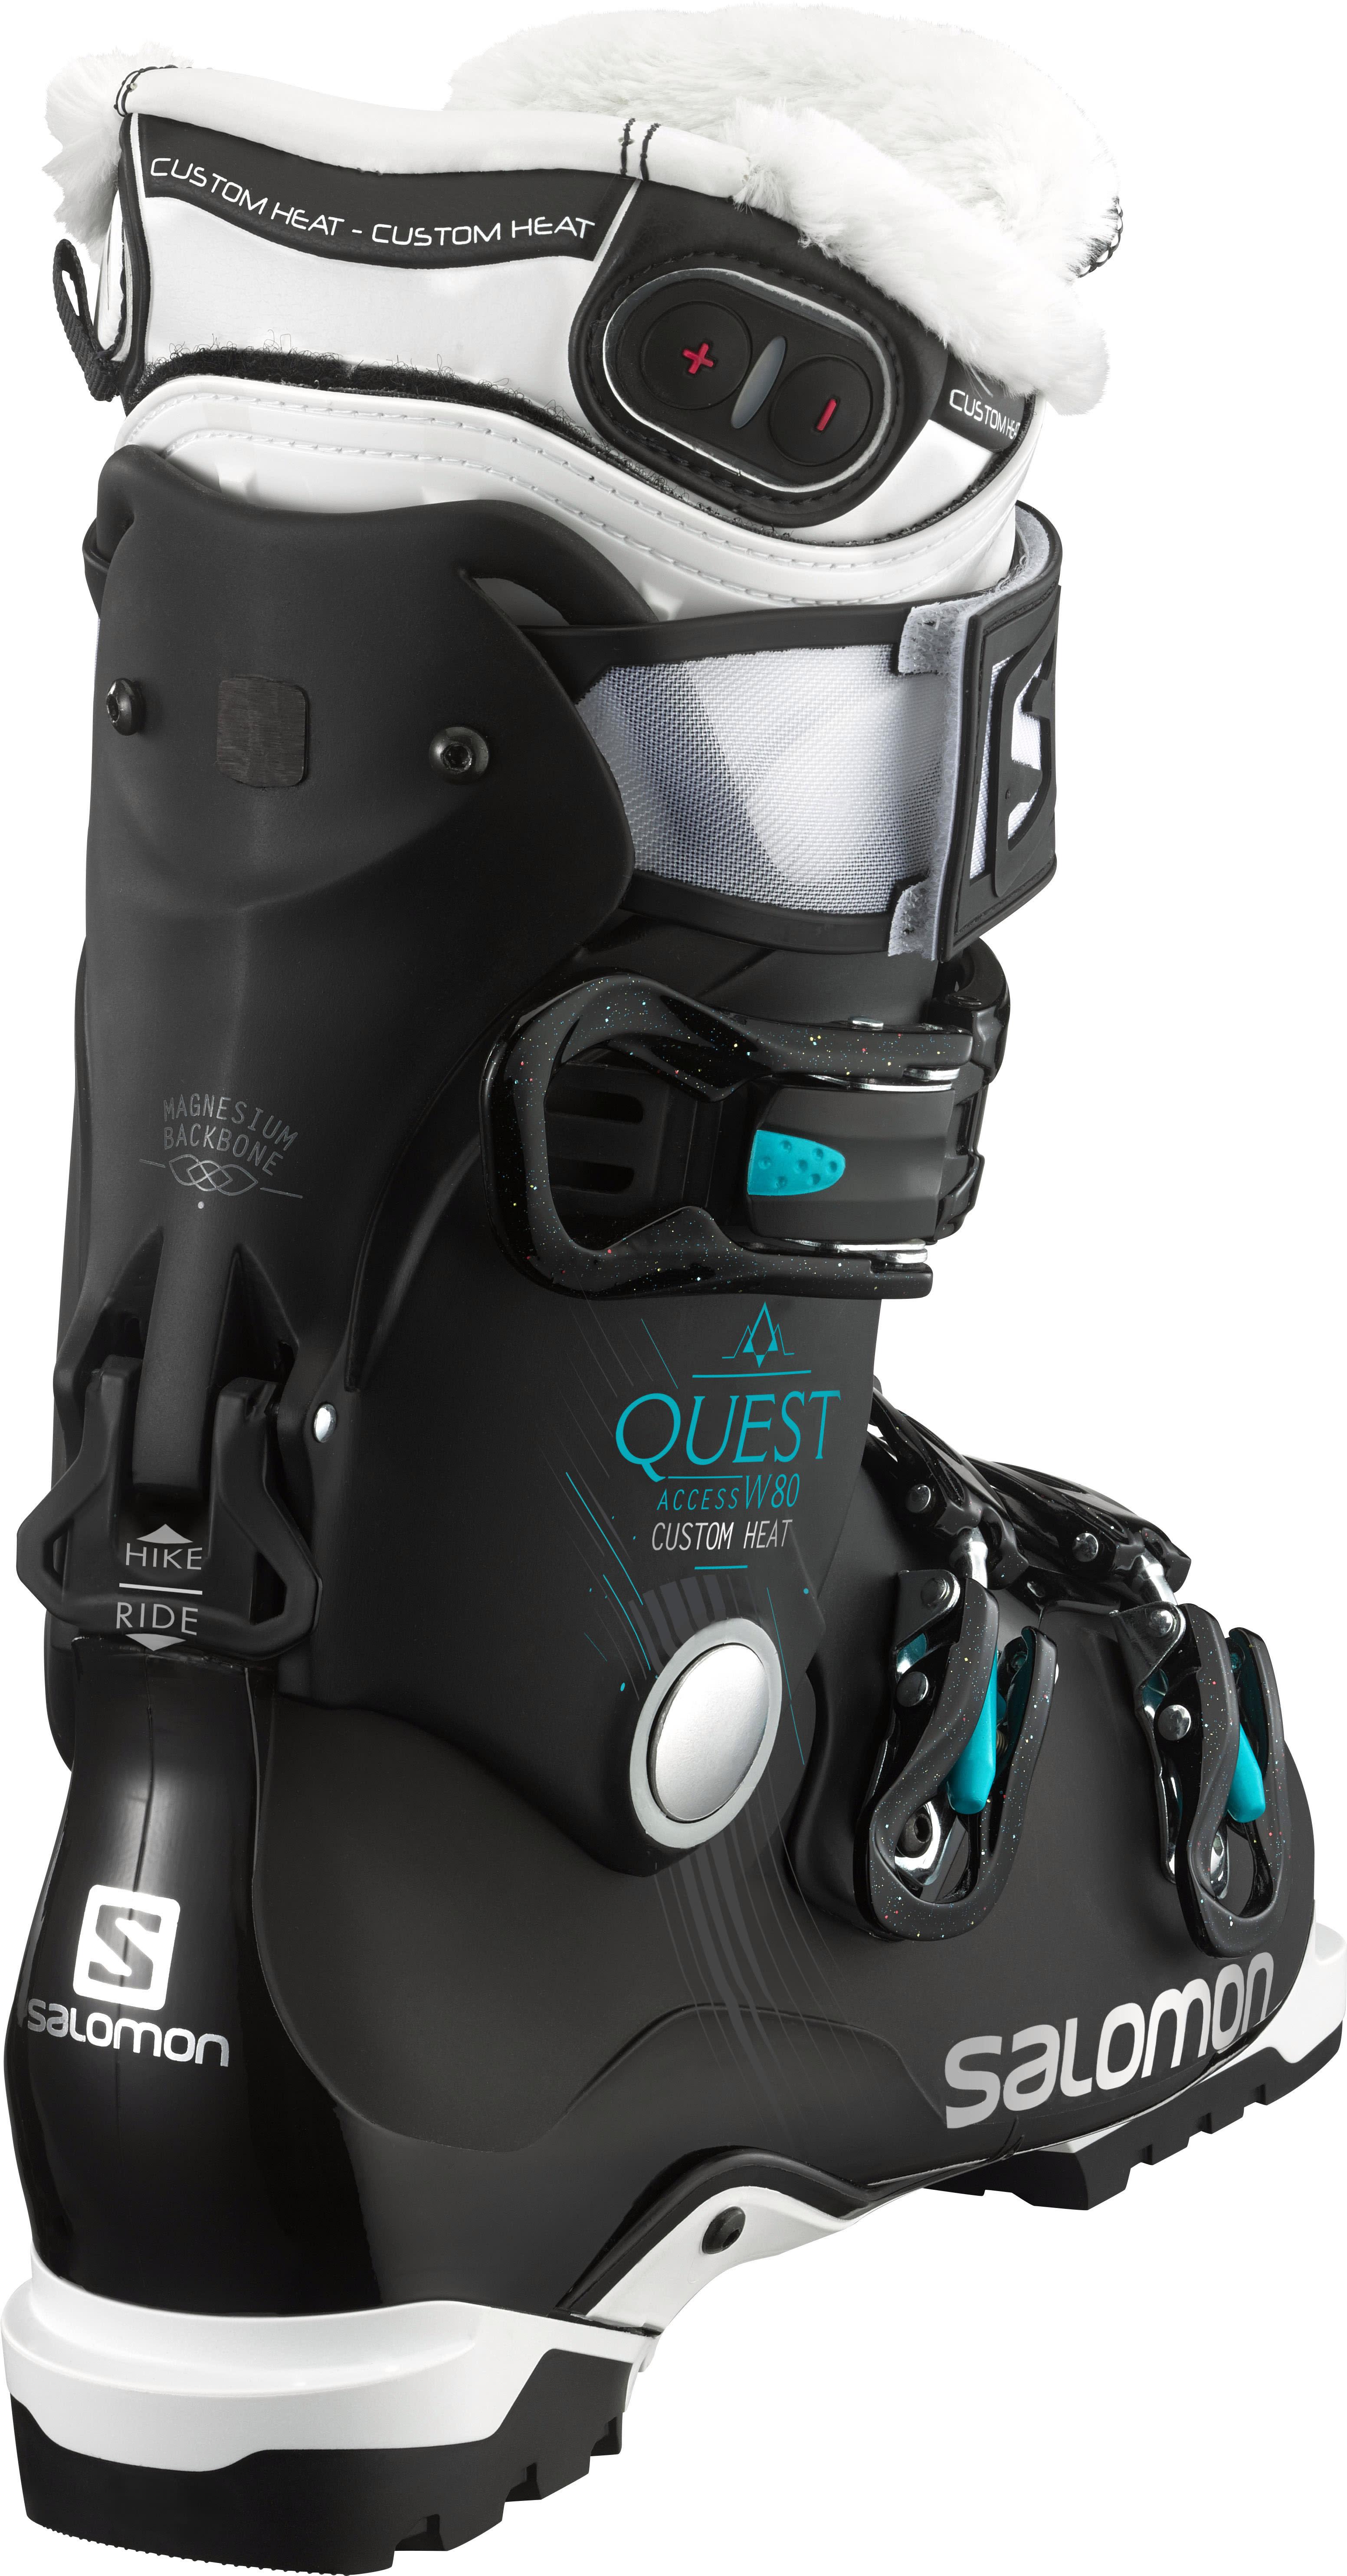 Salomon Quest Access Custom Heat Ski Boots Womens